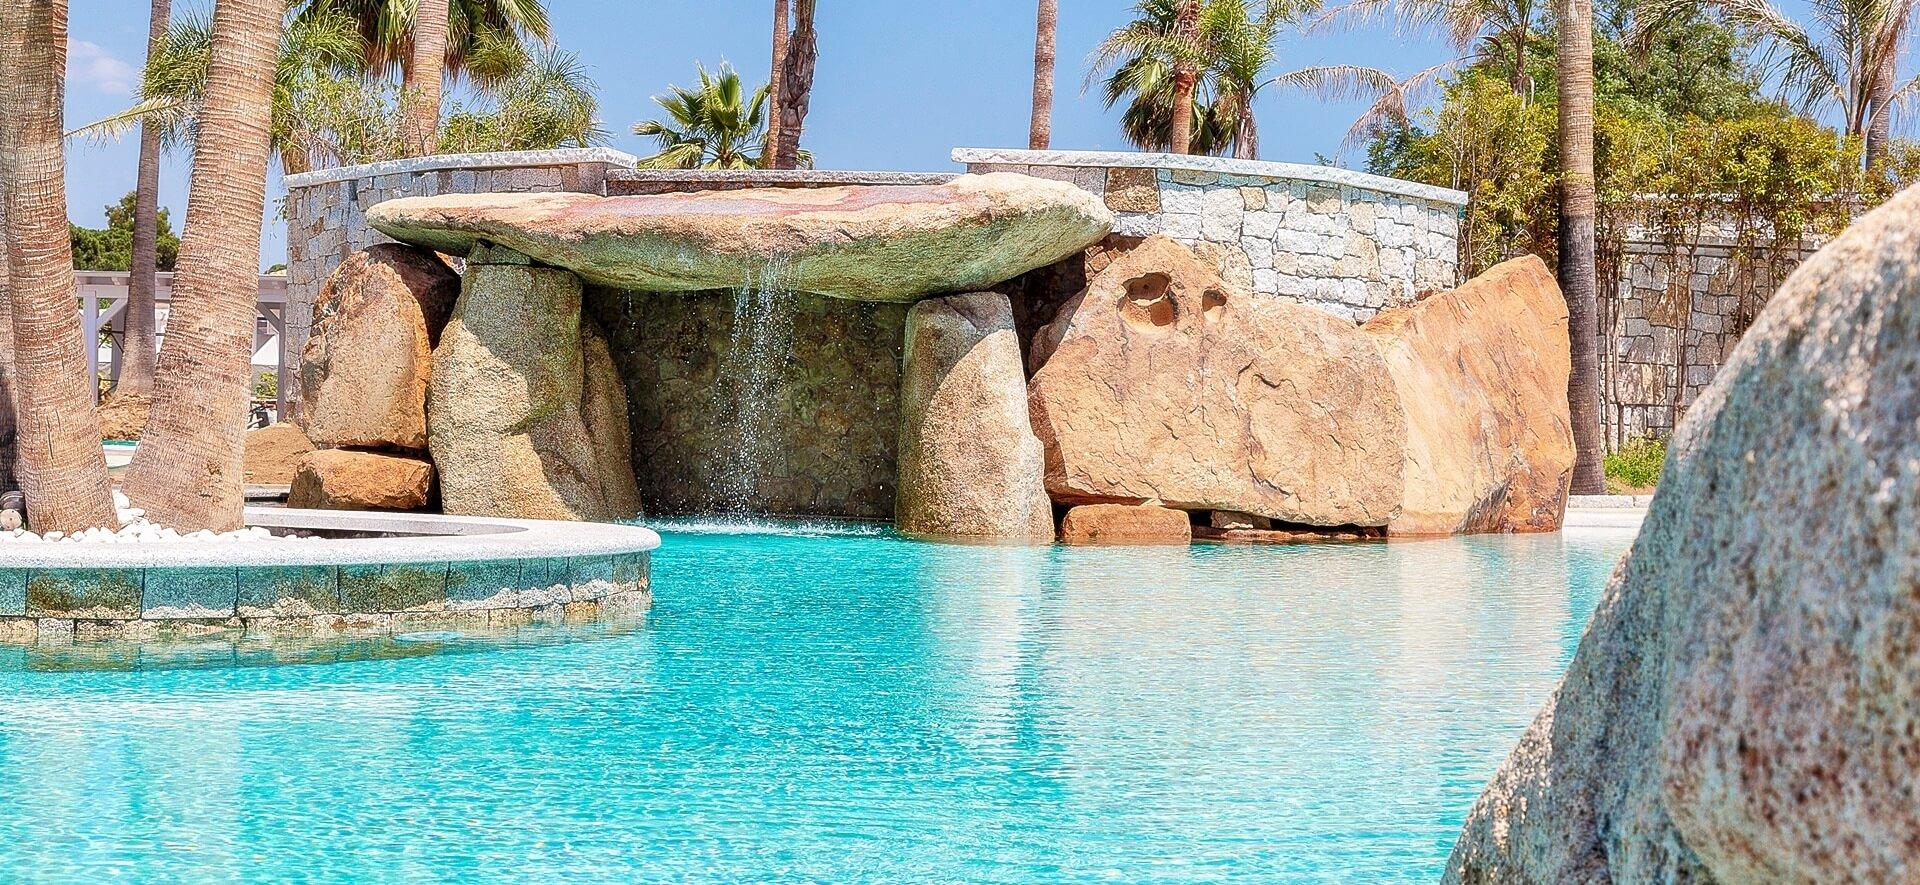 _hotel_con_piscina_sardegna_04